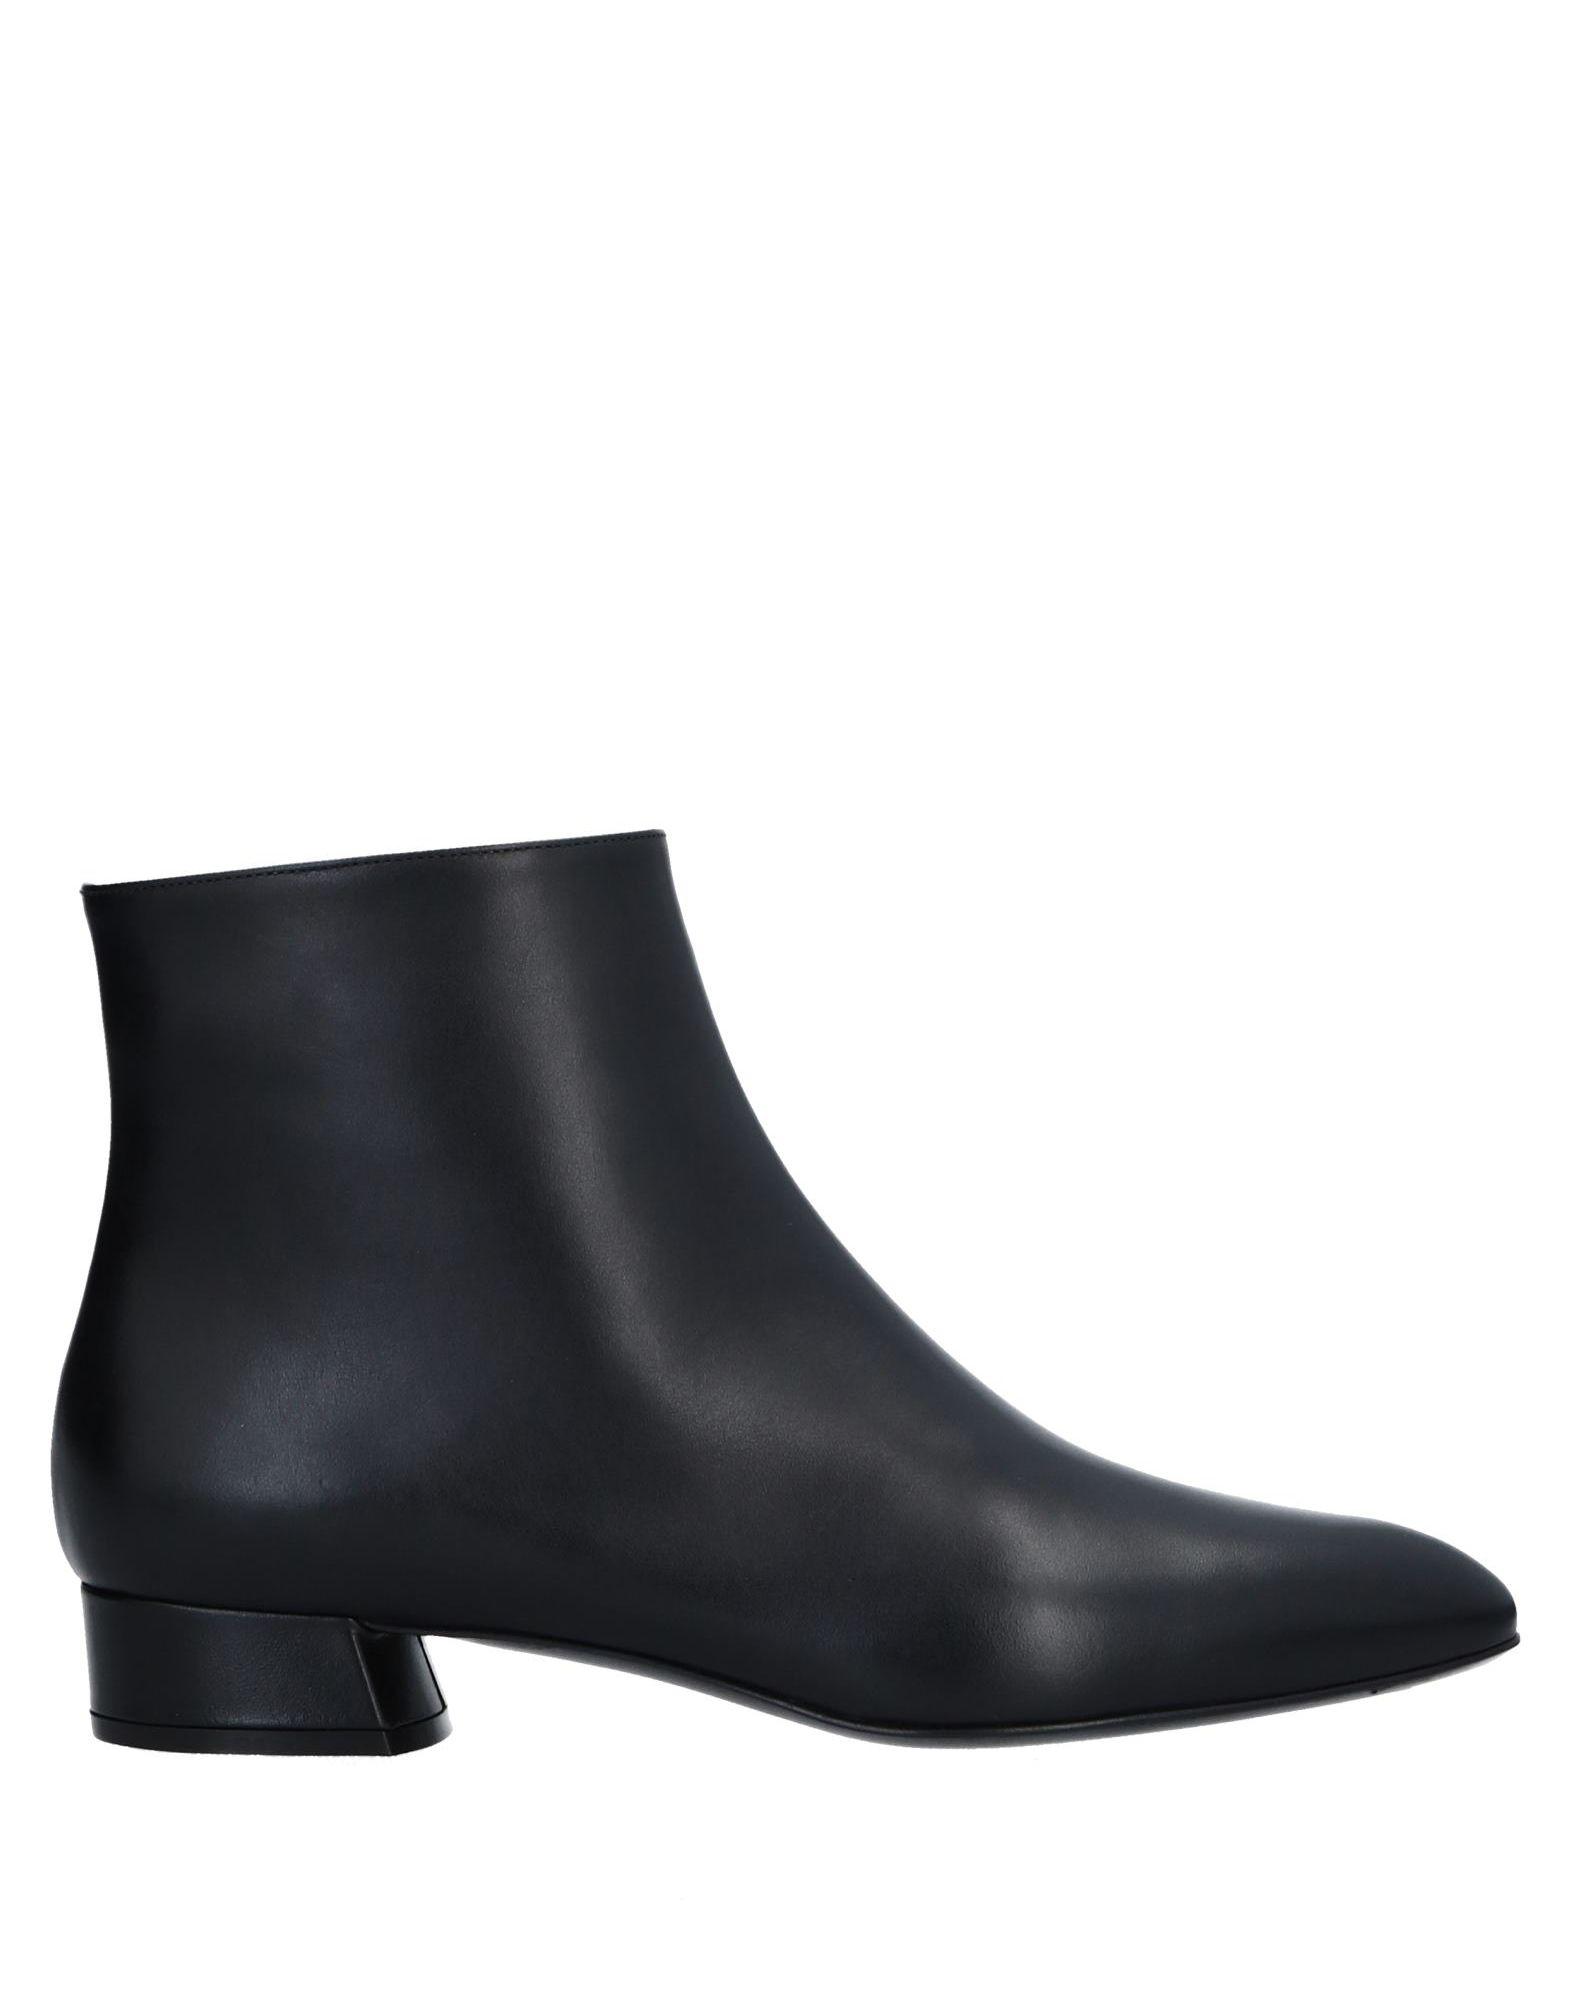 Haltbare Mode billige Schuhe Casadei Stiefelette Damen  11544331MT Heiße Schuhe